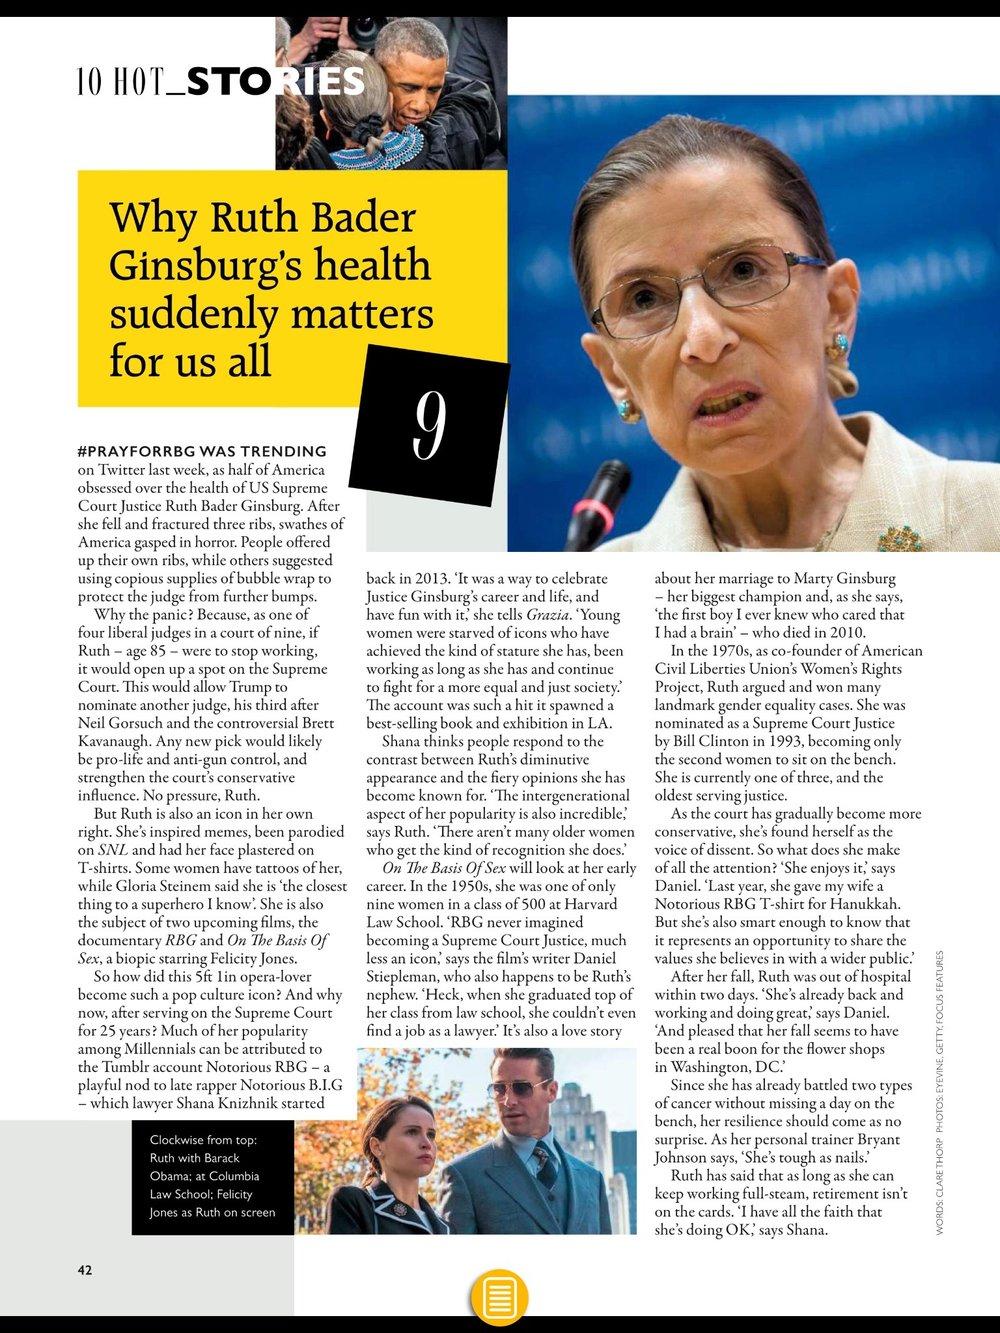 Ruth Bader Ginsburg Grazia